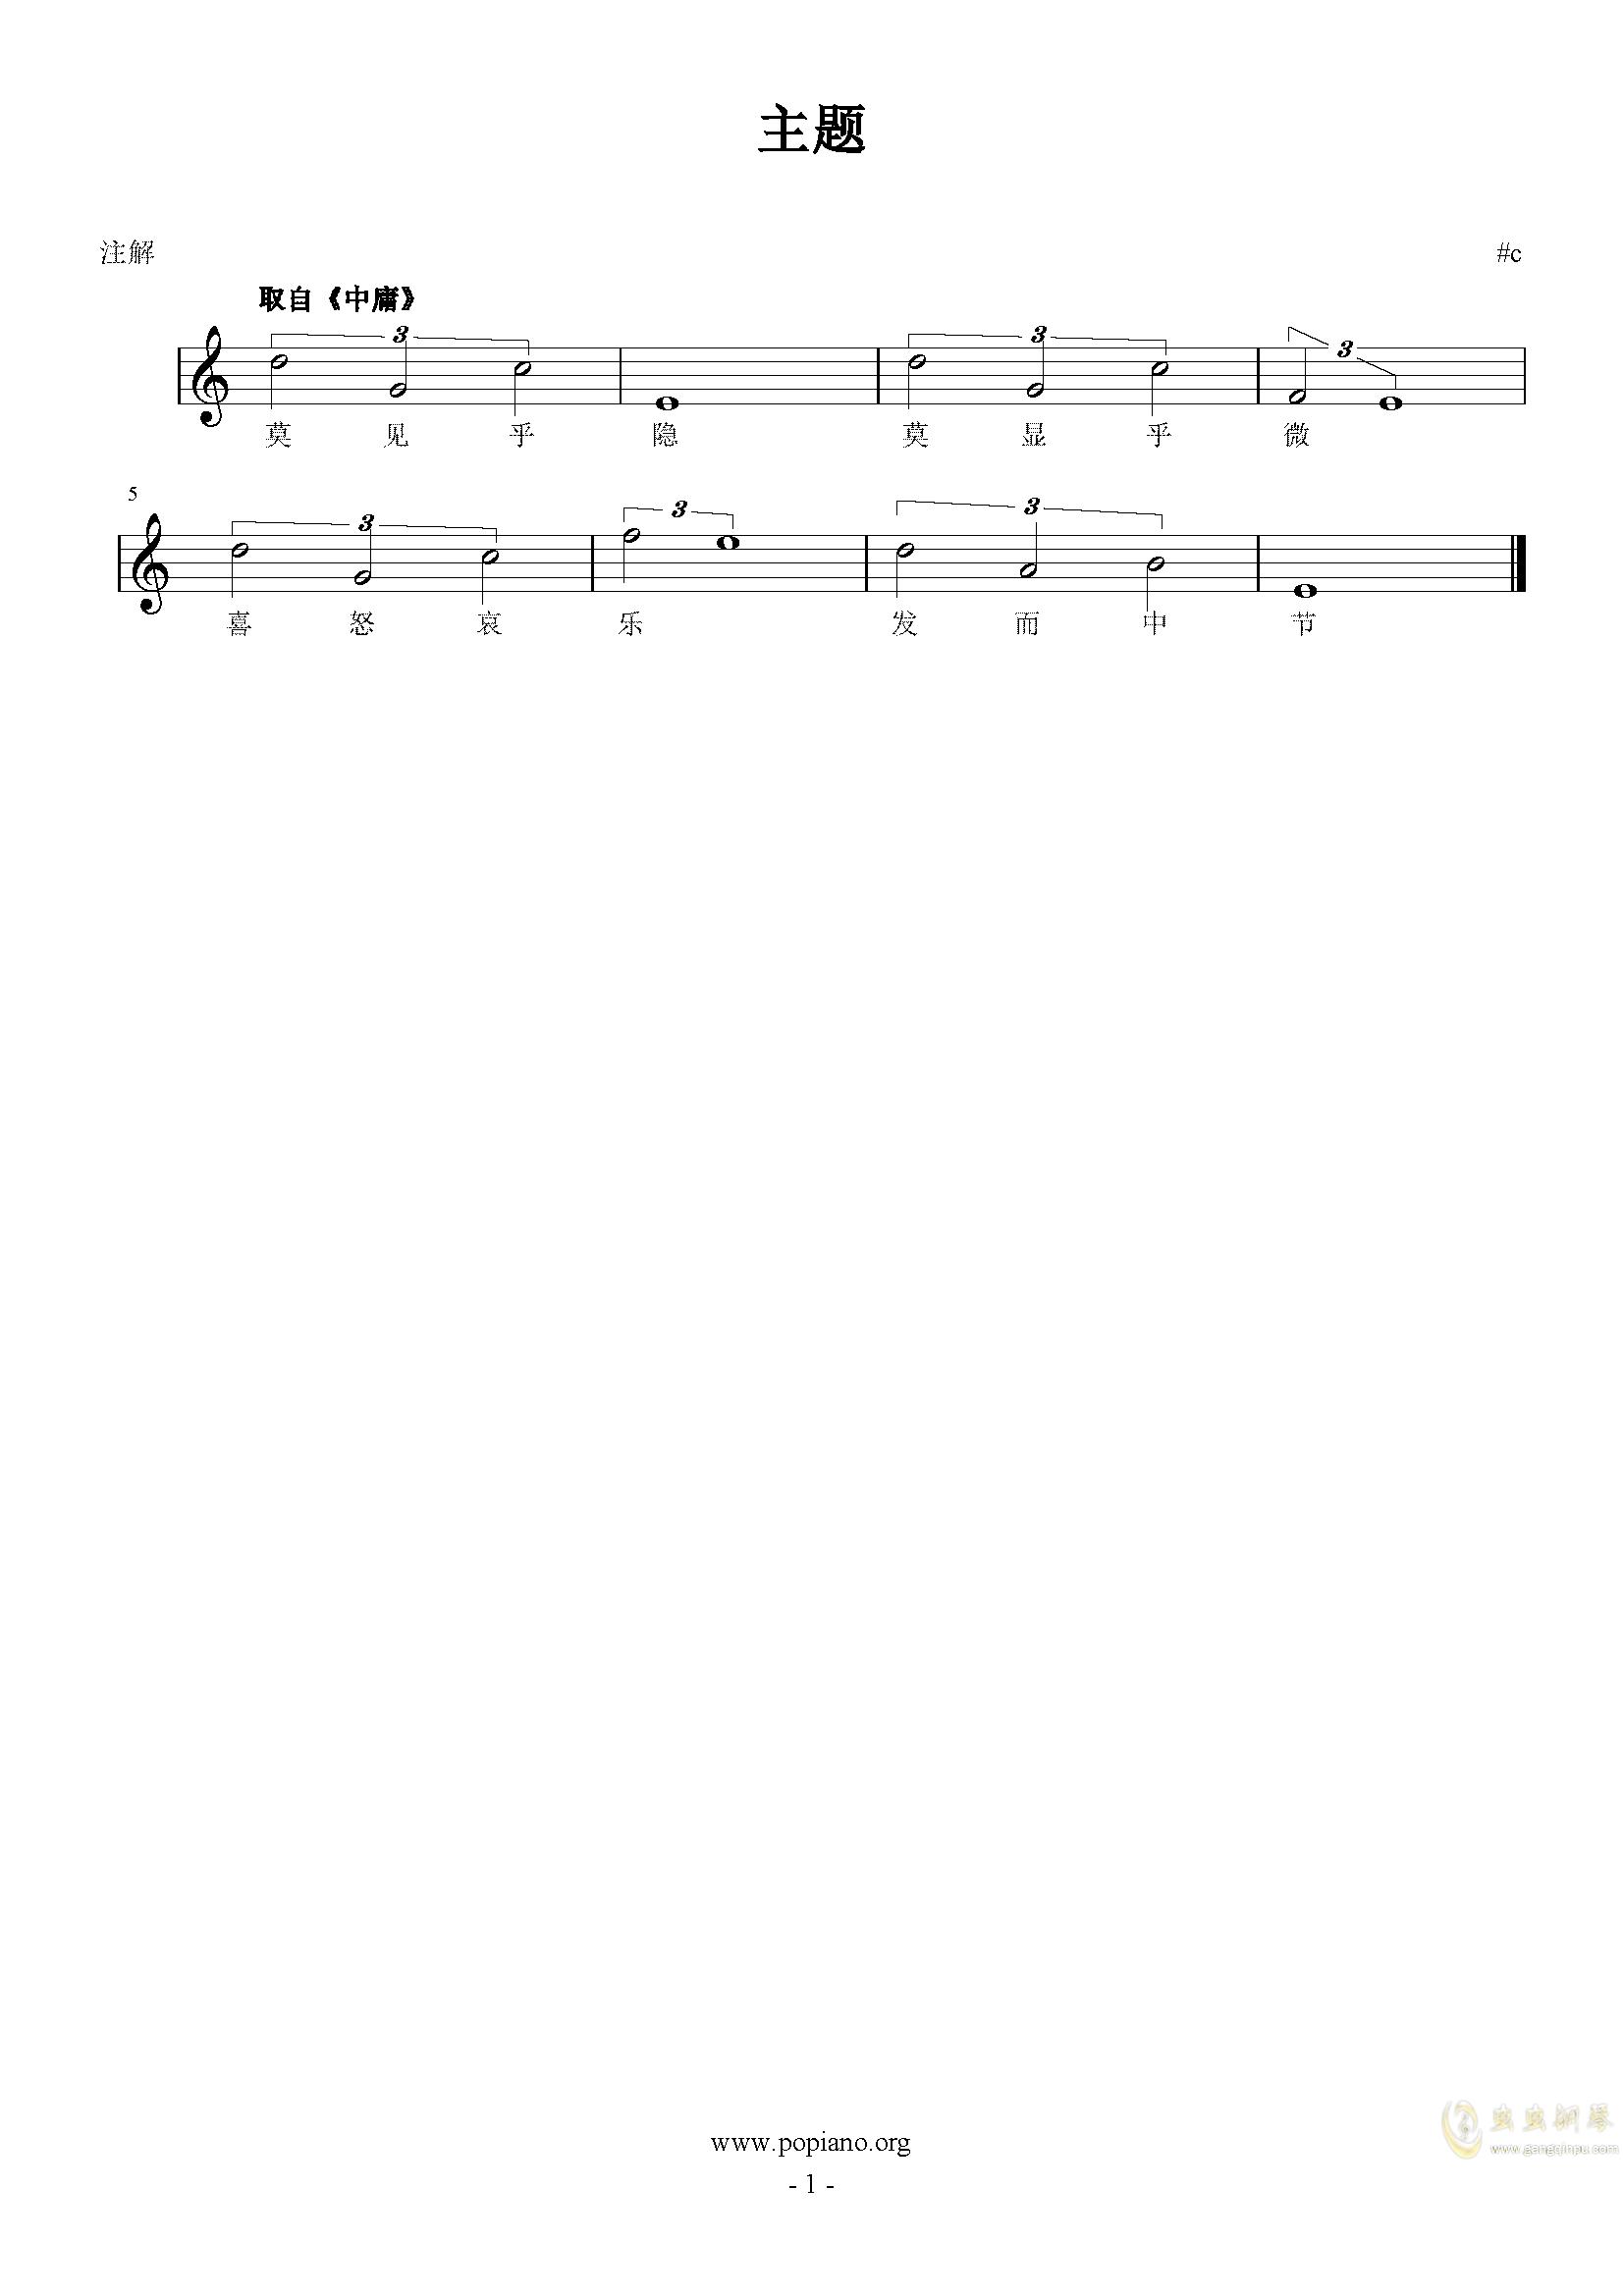 常显隐中节钢琴谱 第1页